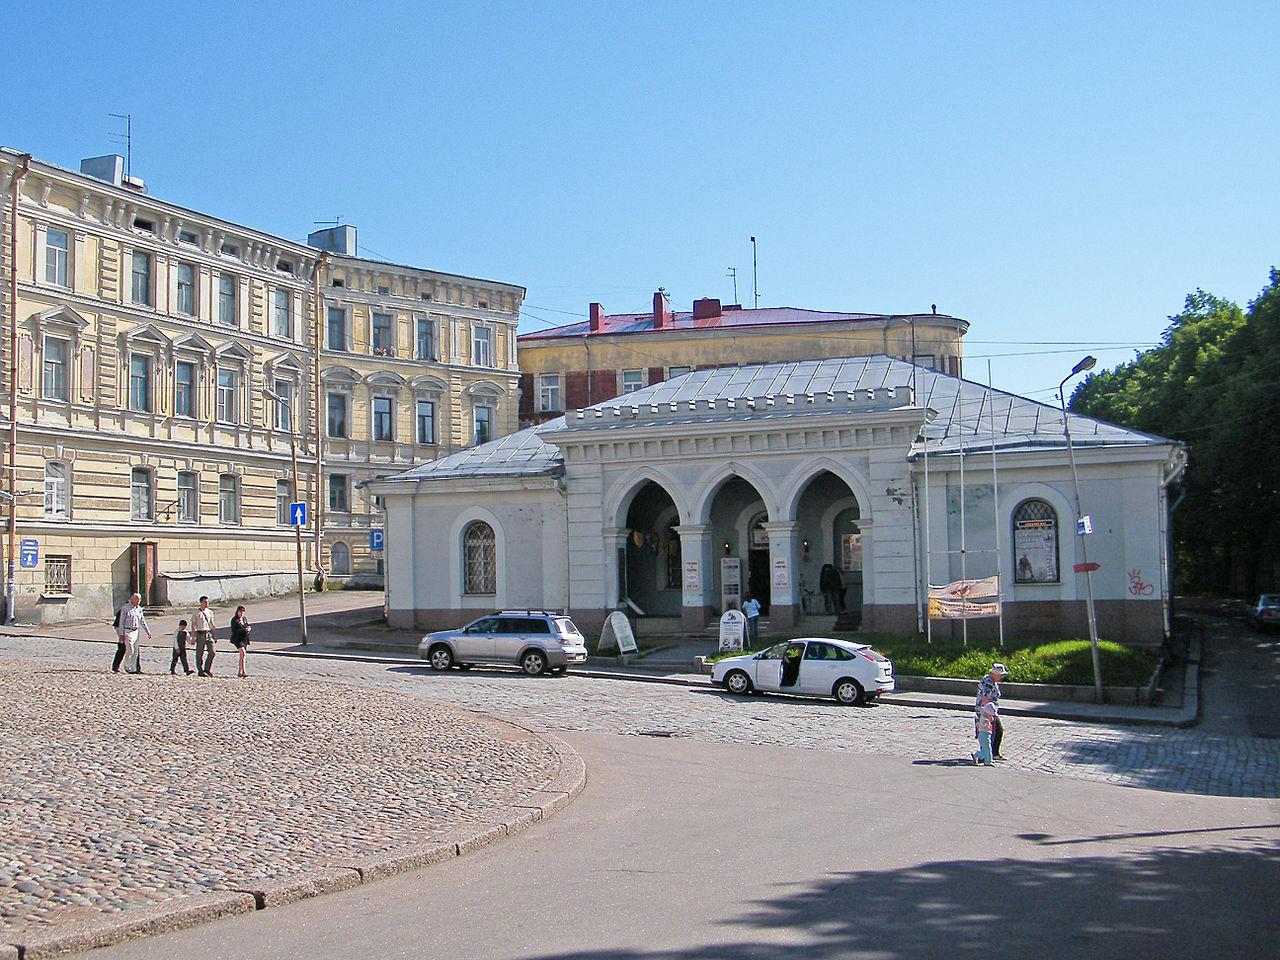 Здание гарнизонной гауптвахты. Автор фото: Борис Мавлютов